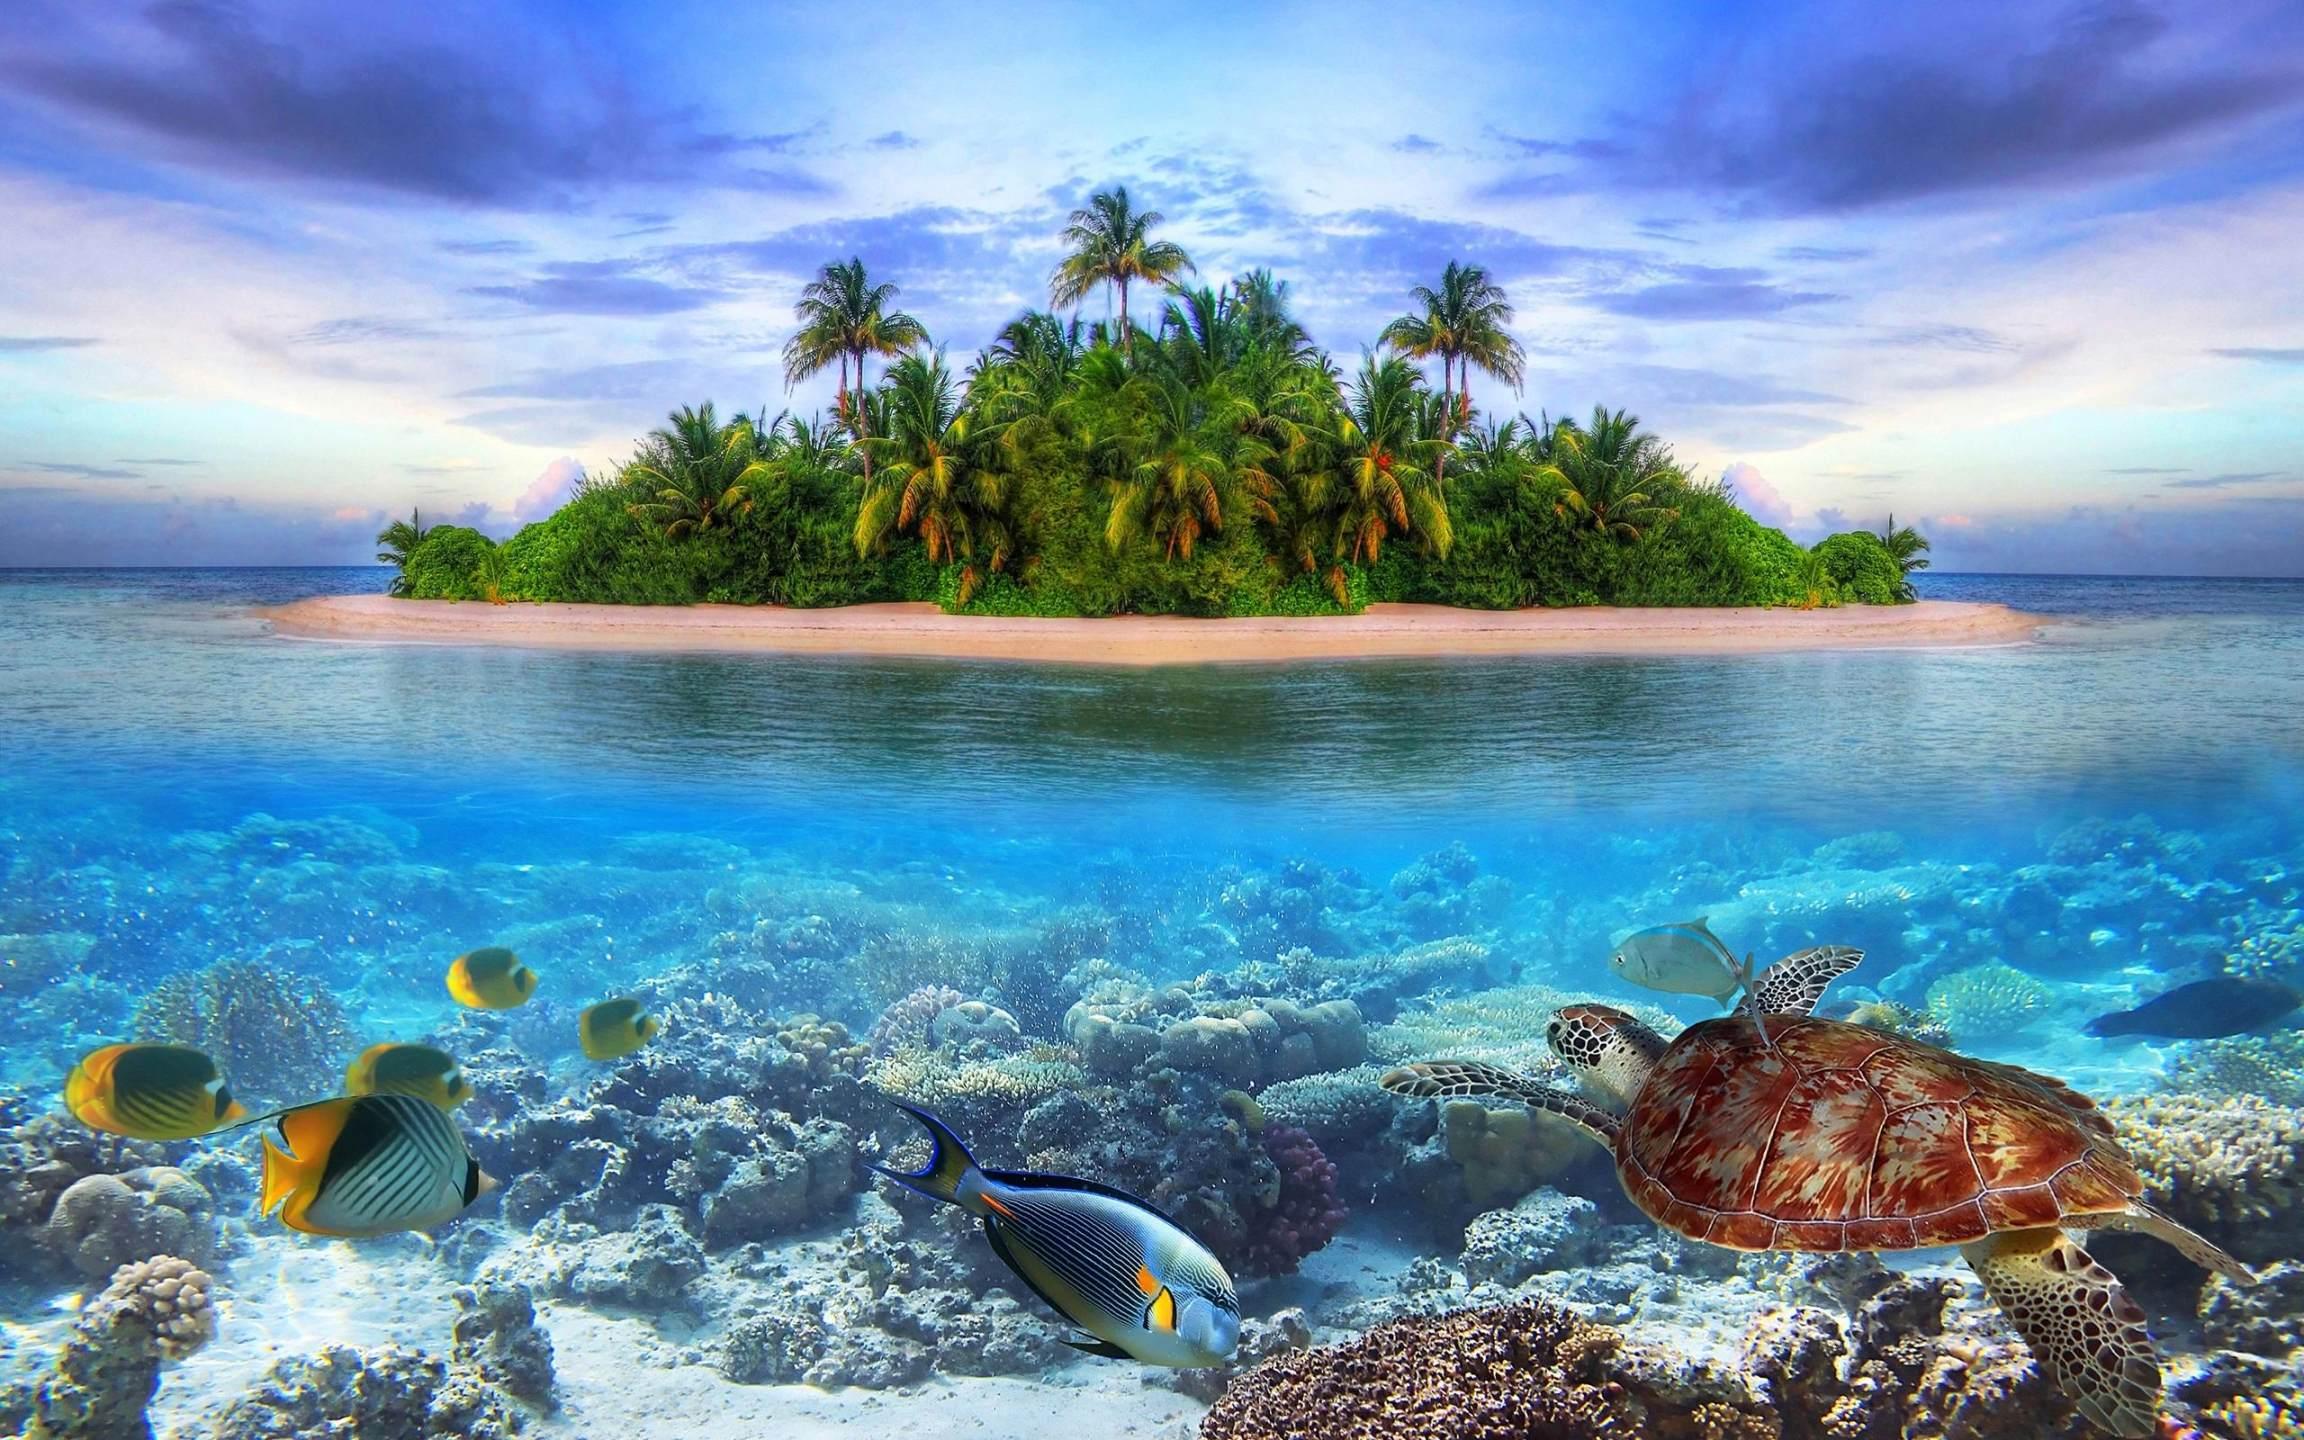 【预售】苏梅岛4晚5日自由行(SQ新航转机,本德哈里温泉度假海边酒店 Bhundhari Resort ,接送机和旅游意外险)